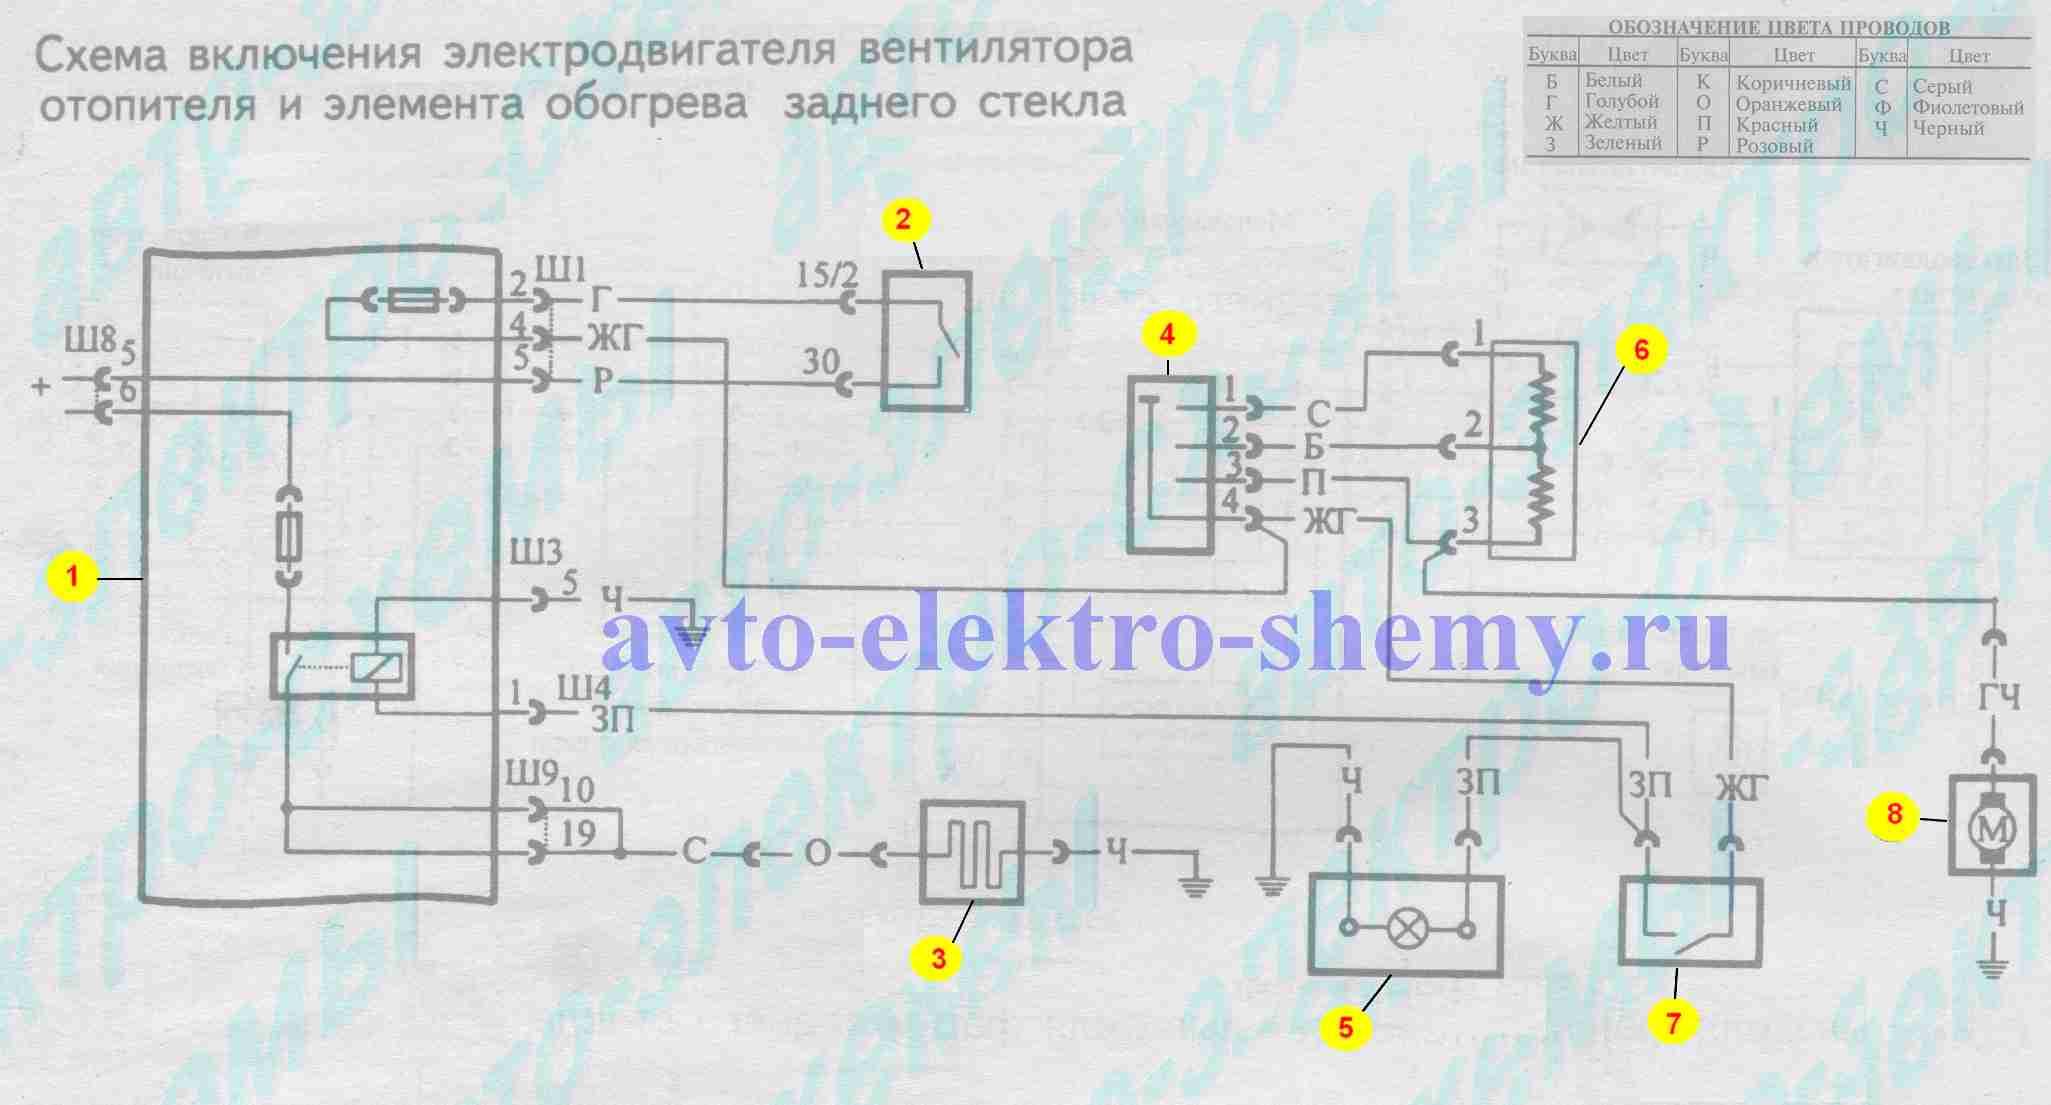 Схема подключения электродвигателя турбины отопителя и обогревающего элемента заднего стекла